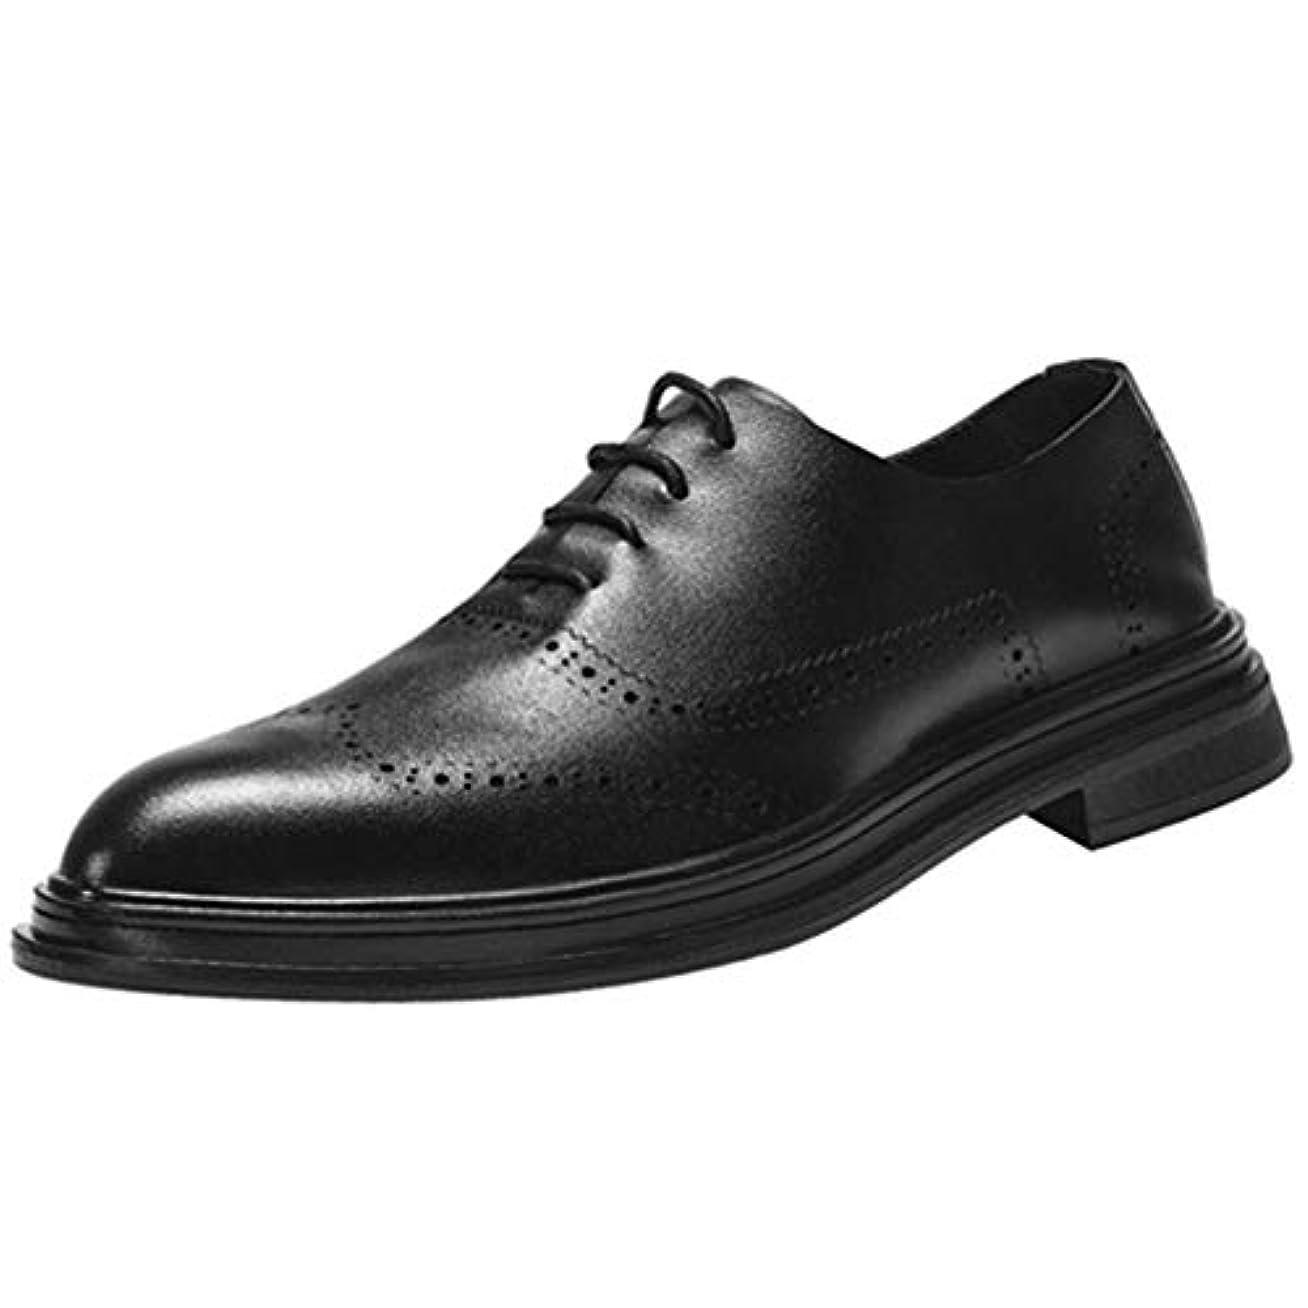 元のカロリー投資するビジネスシューズ シューズ メンズ 靴 革靴 ブラック ビジネスシューズ メンズ ポインテッドトゥ レースアップ 歩きやすい オフィス フォーマル ビジネス 紳士靴 軽量 抗菌 防臭 結婚式 スーツ用